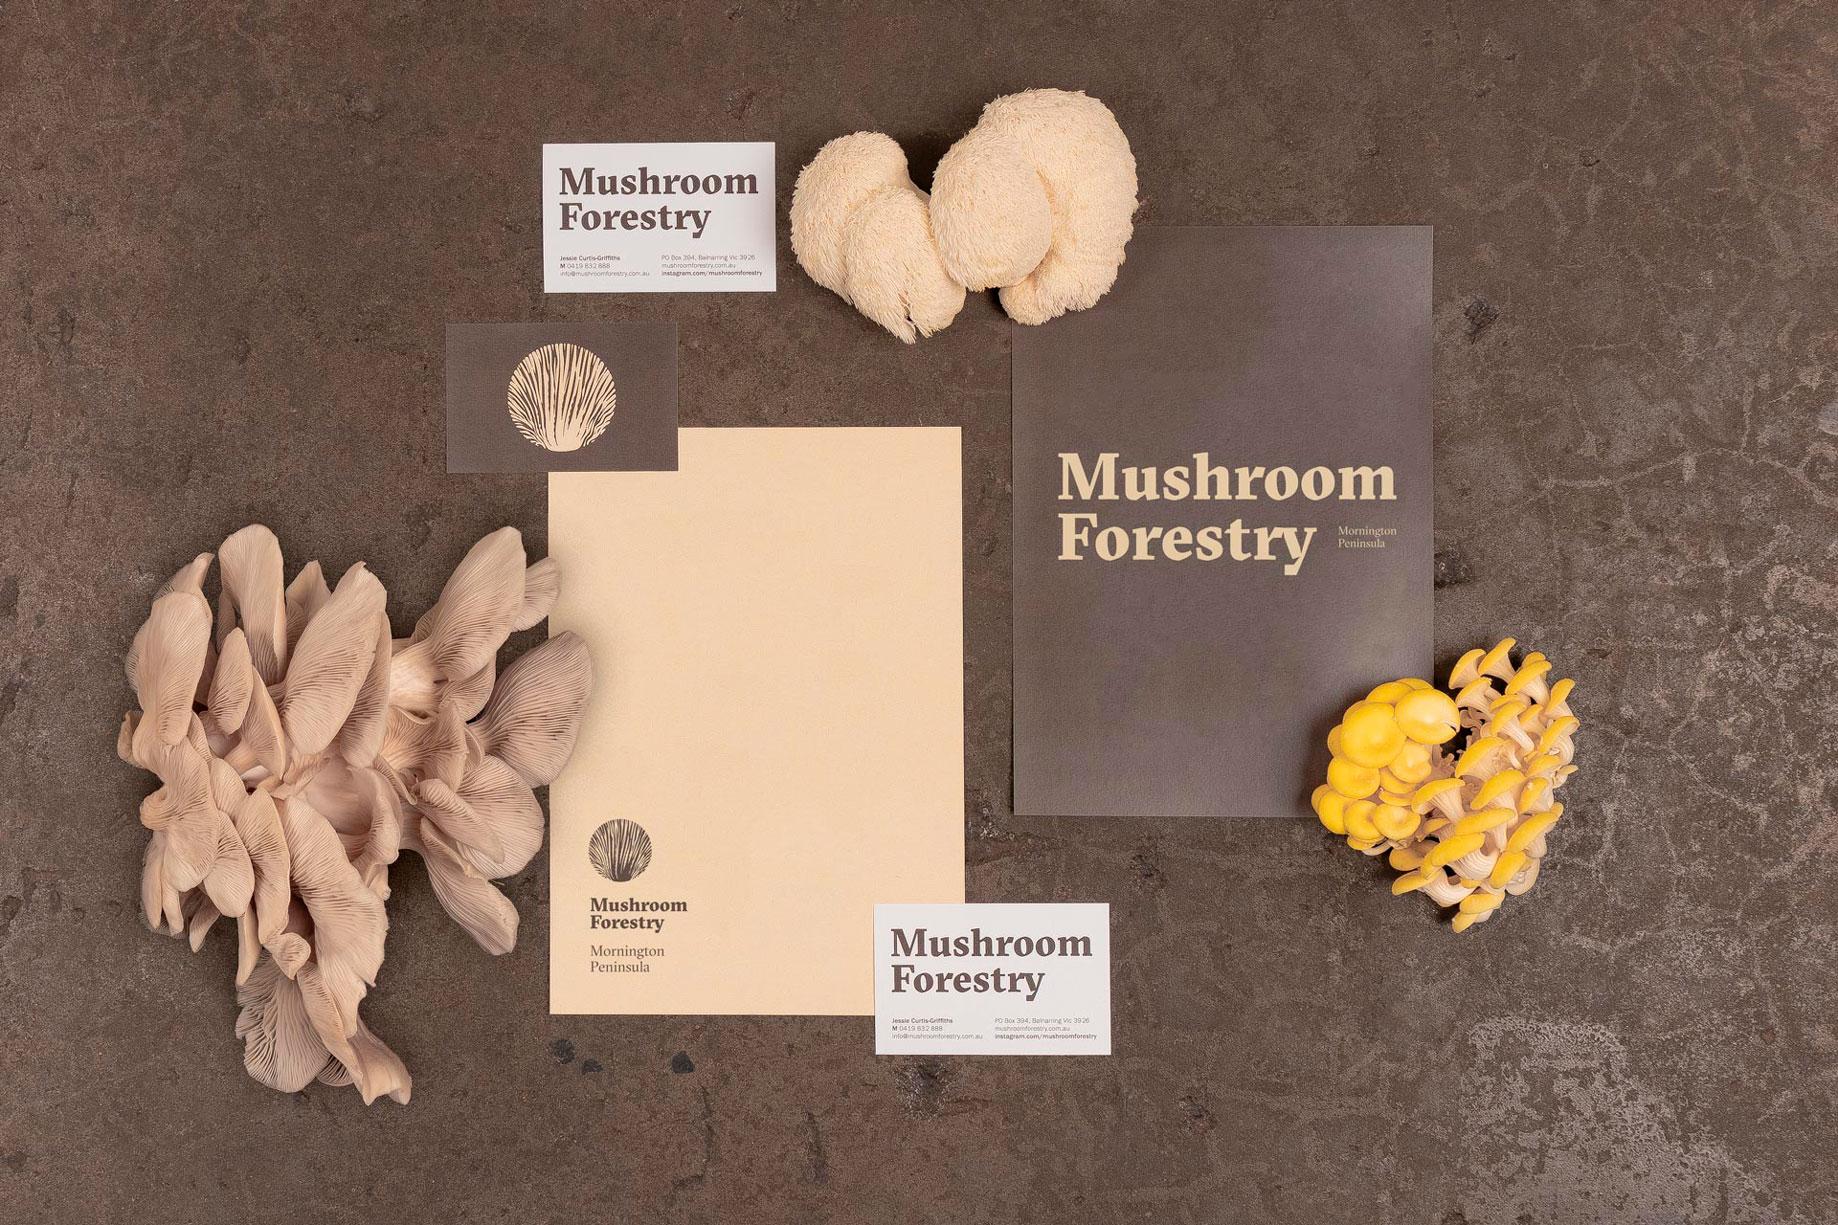 Mushroom Forestry identidad corporativa diseño de logotipo branding setas ecológicas alimentación foodie packaging Australia Vibranding